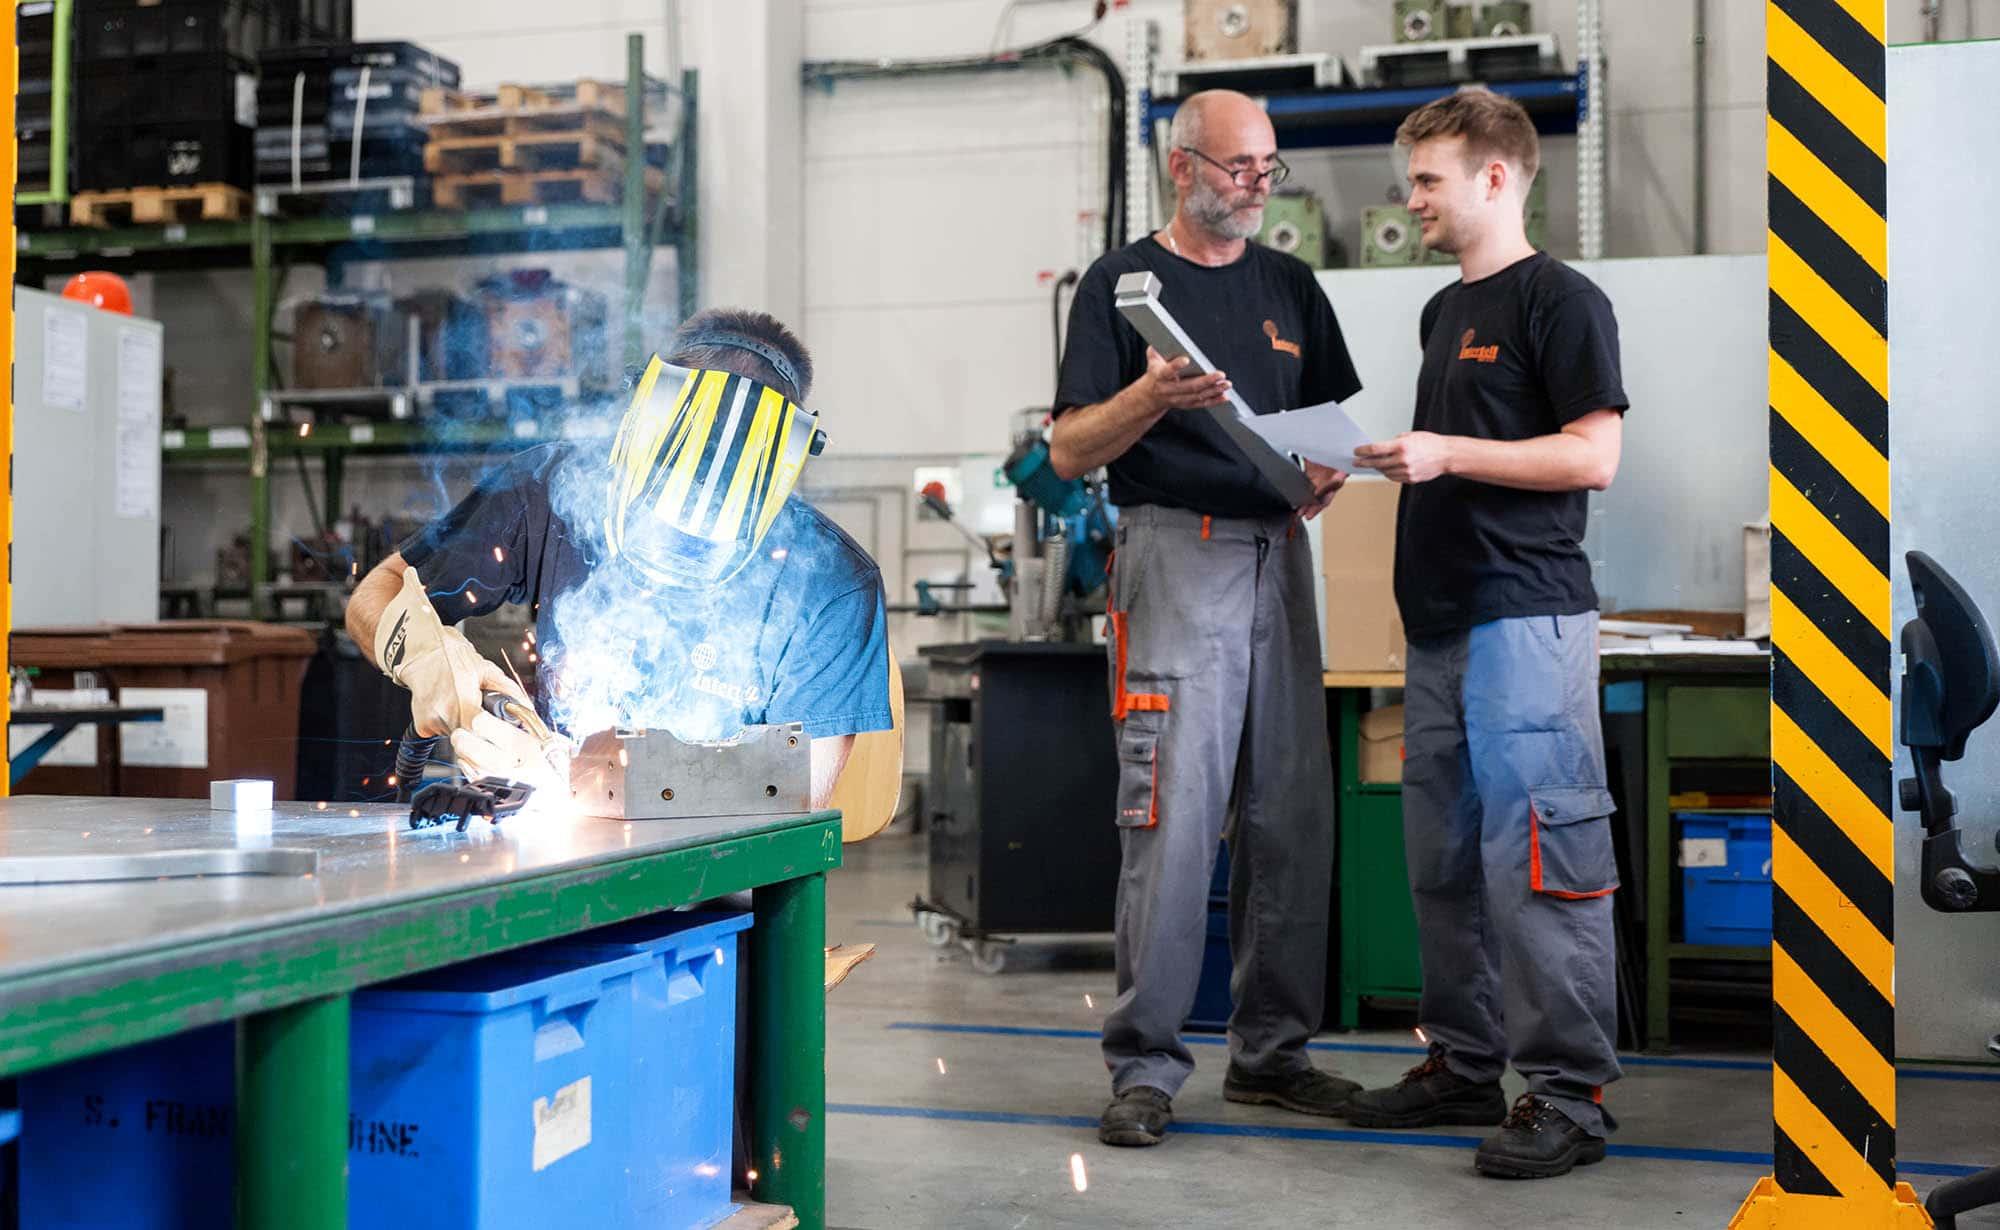 Ce procédé industriel nécessite en effet la réalisation de moules en métal, à la fois précis et durables, il est souvent utilisé dans le cadre de fabrications en grandes séries